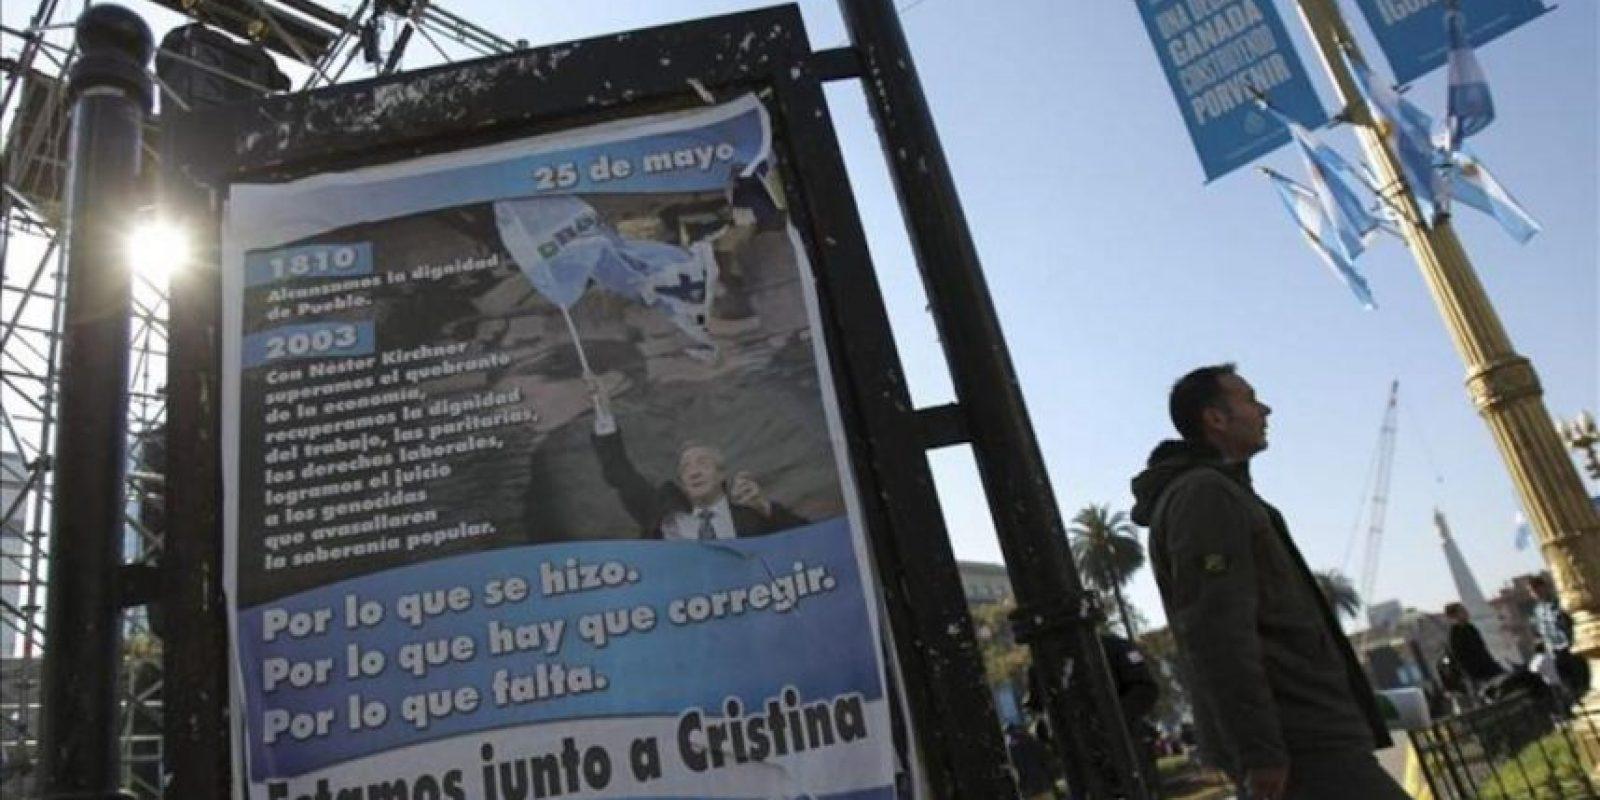 Un hombre fue registrado este viernes al caminar junto a un afiche promocional del fallecido expresidente Néstor Kirchner, en los alrededores de la Plaza de Mayo, en Buenos Aires. El oficialismo celebra los 10 años de la llegada de Kirchner al poder. EFE